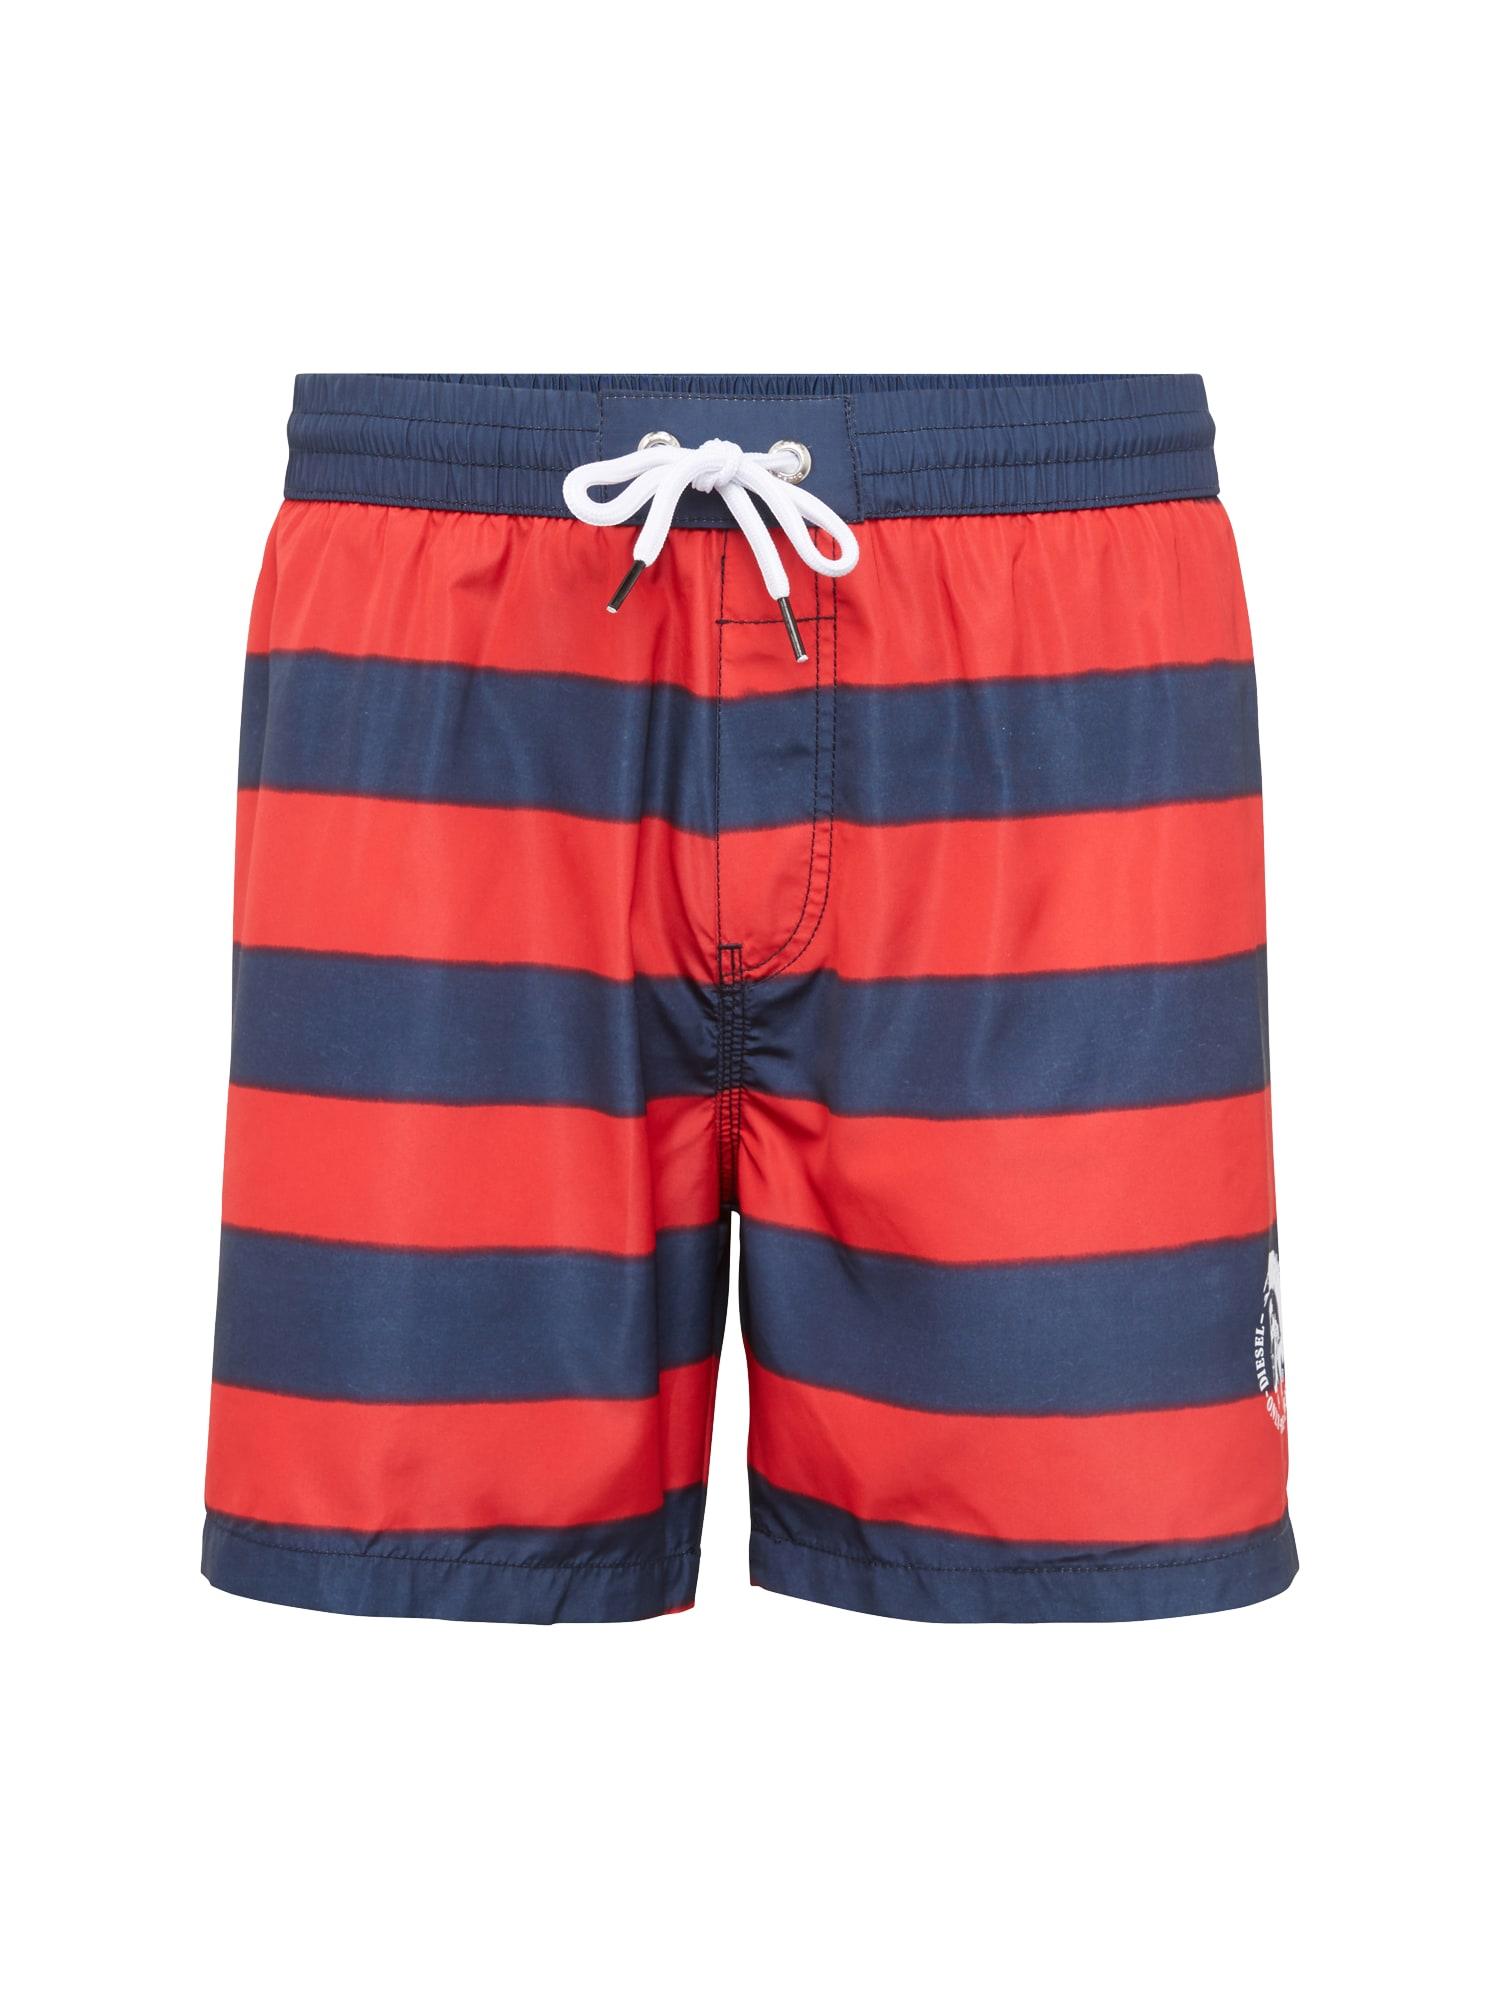 DIESEL Heren Zwemshorts BMBX-WAVE 2 017 blauw rood